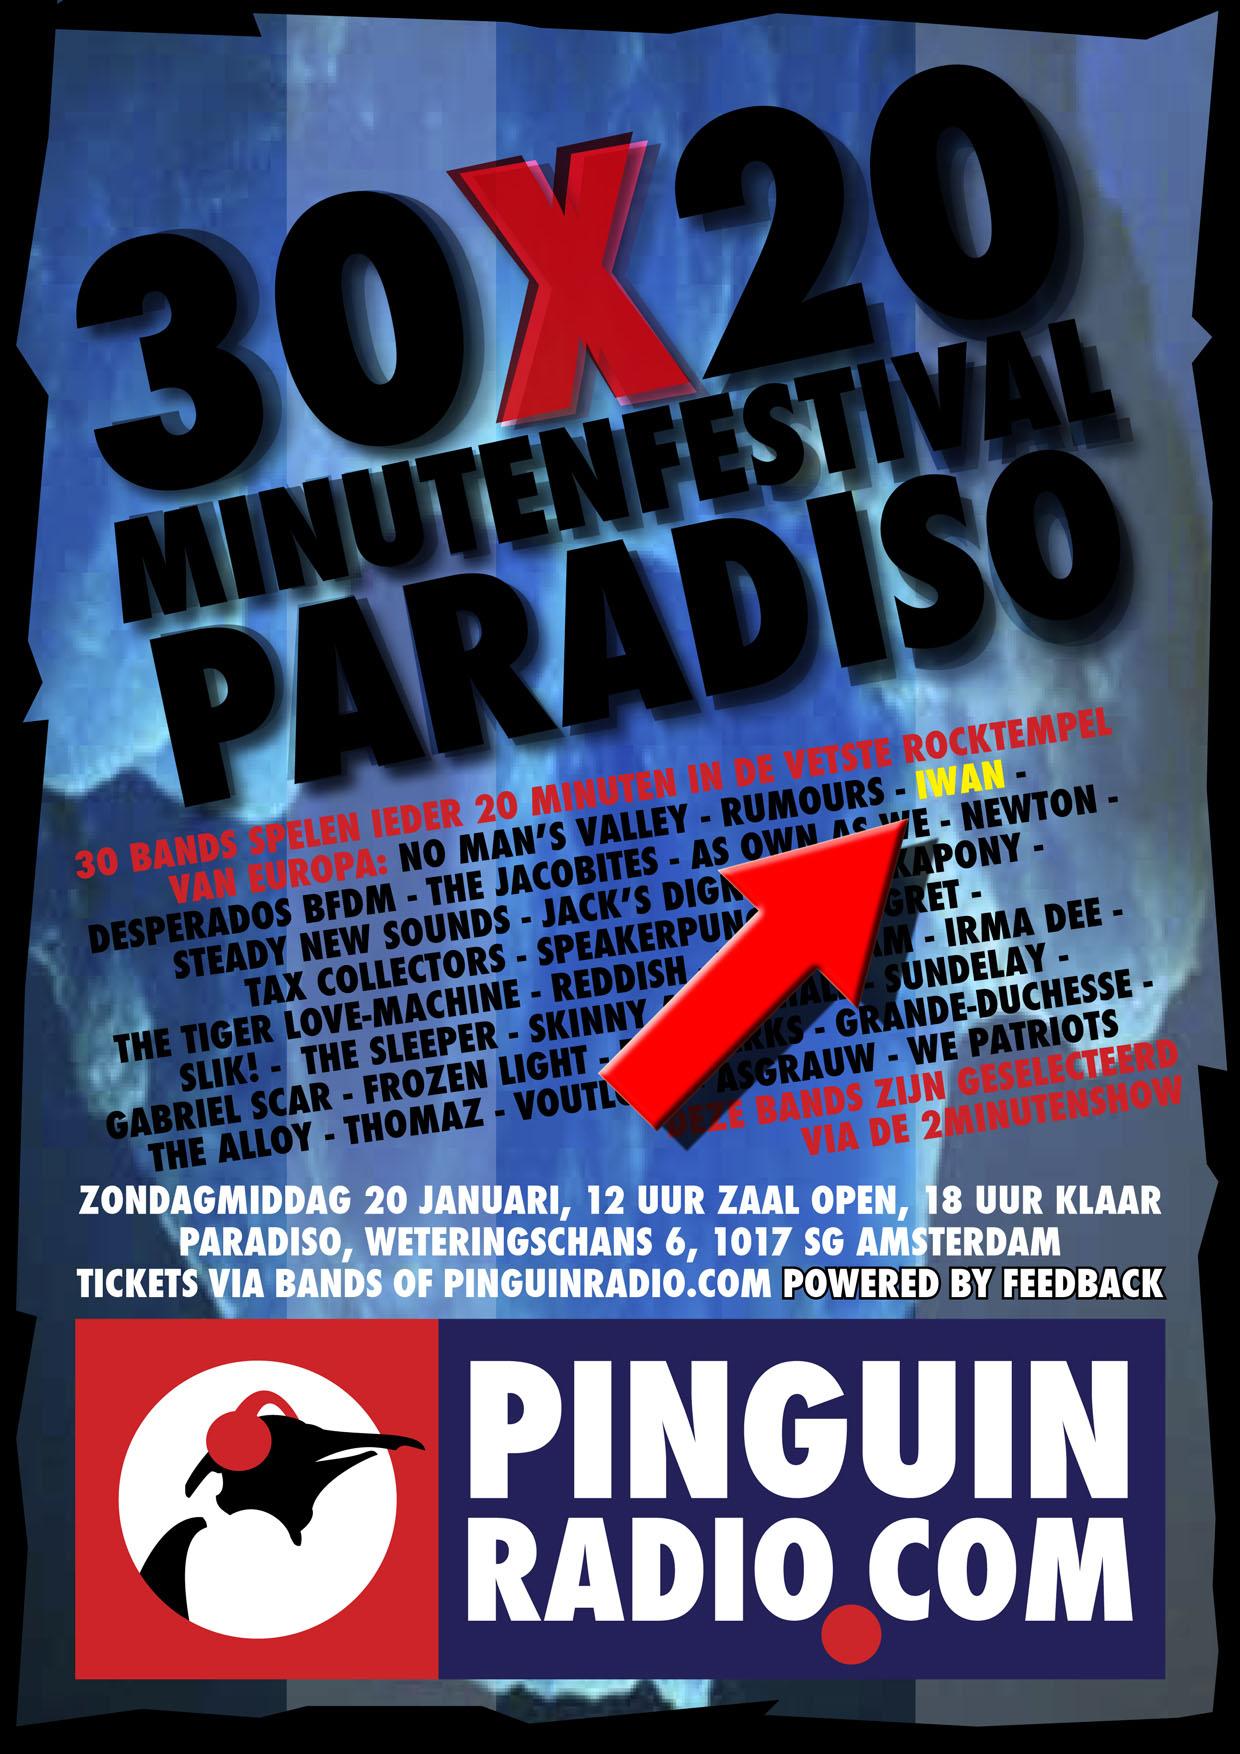 30x20minutenshow poster